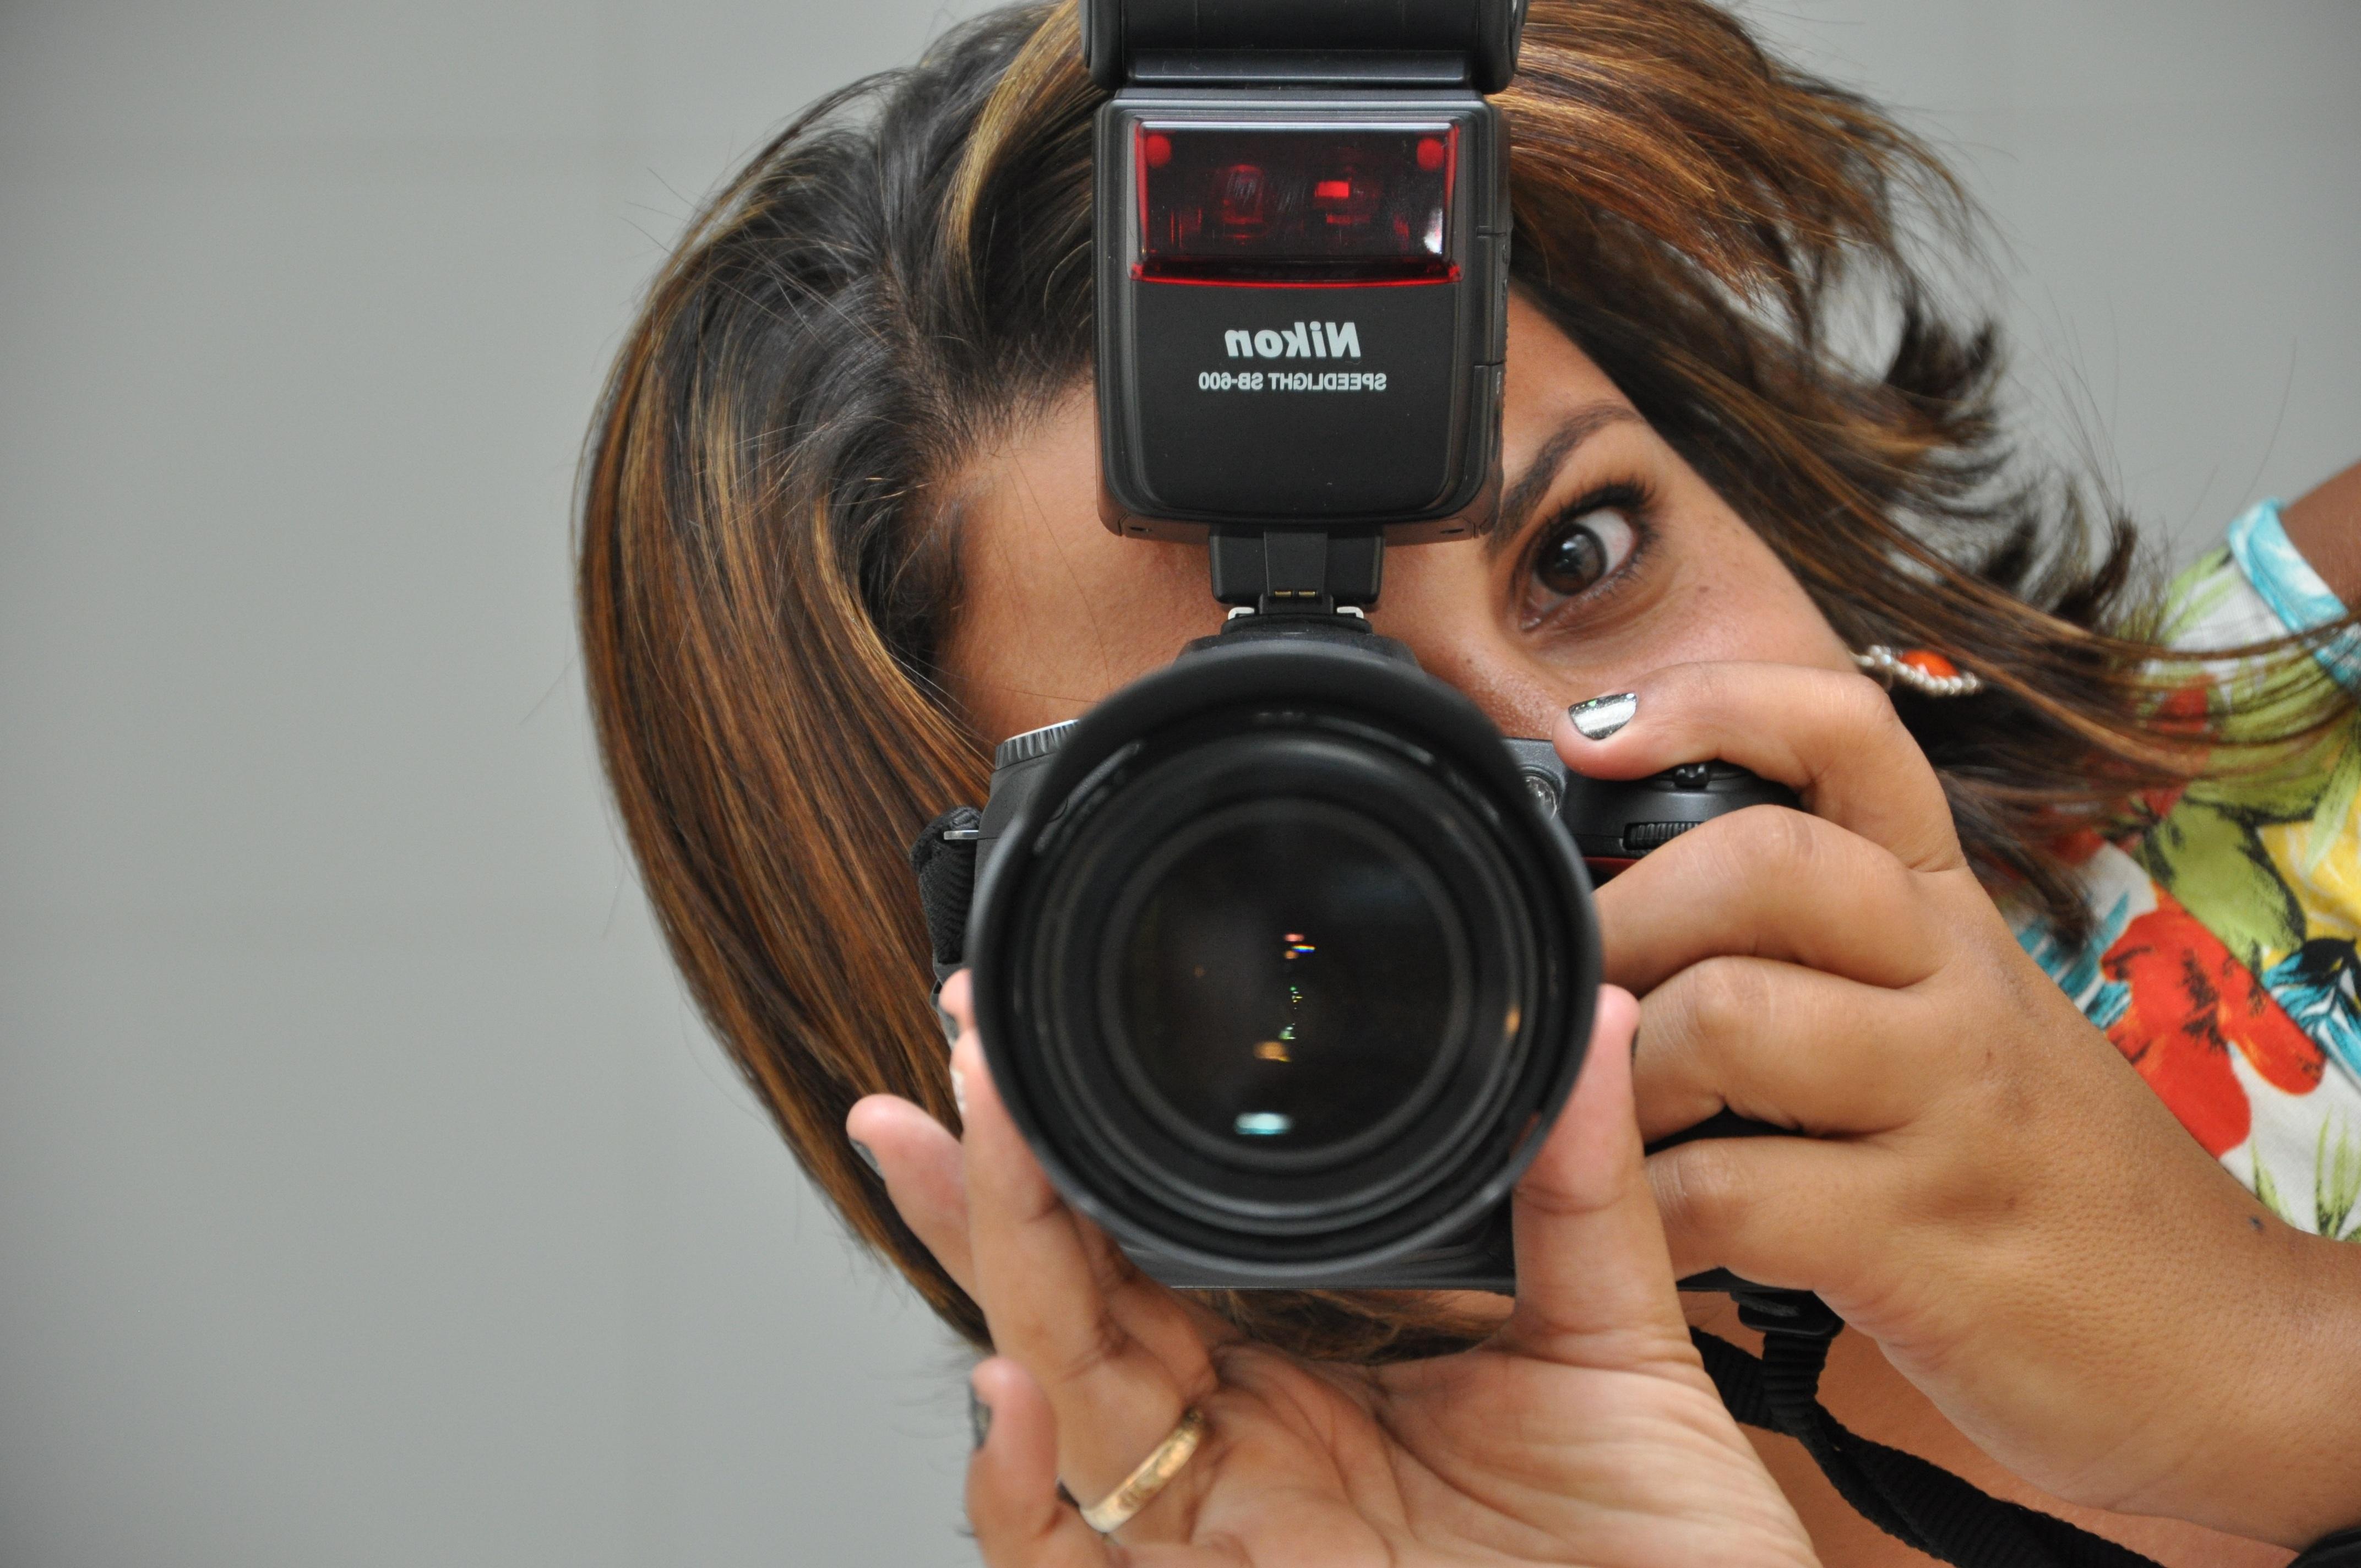 Amateur photographer kana kukui